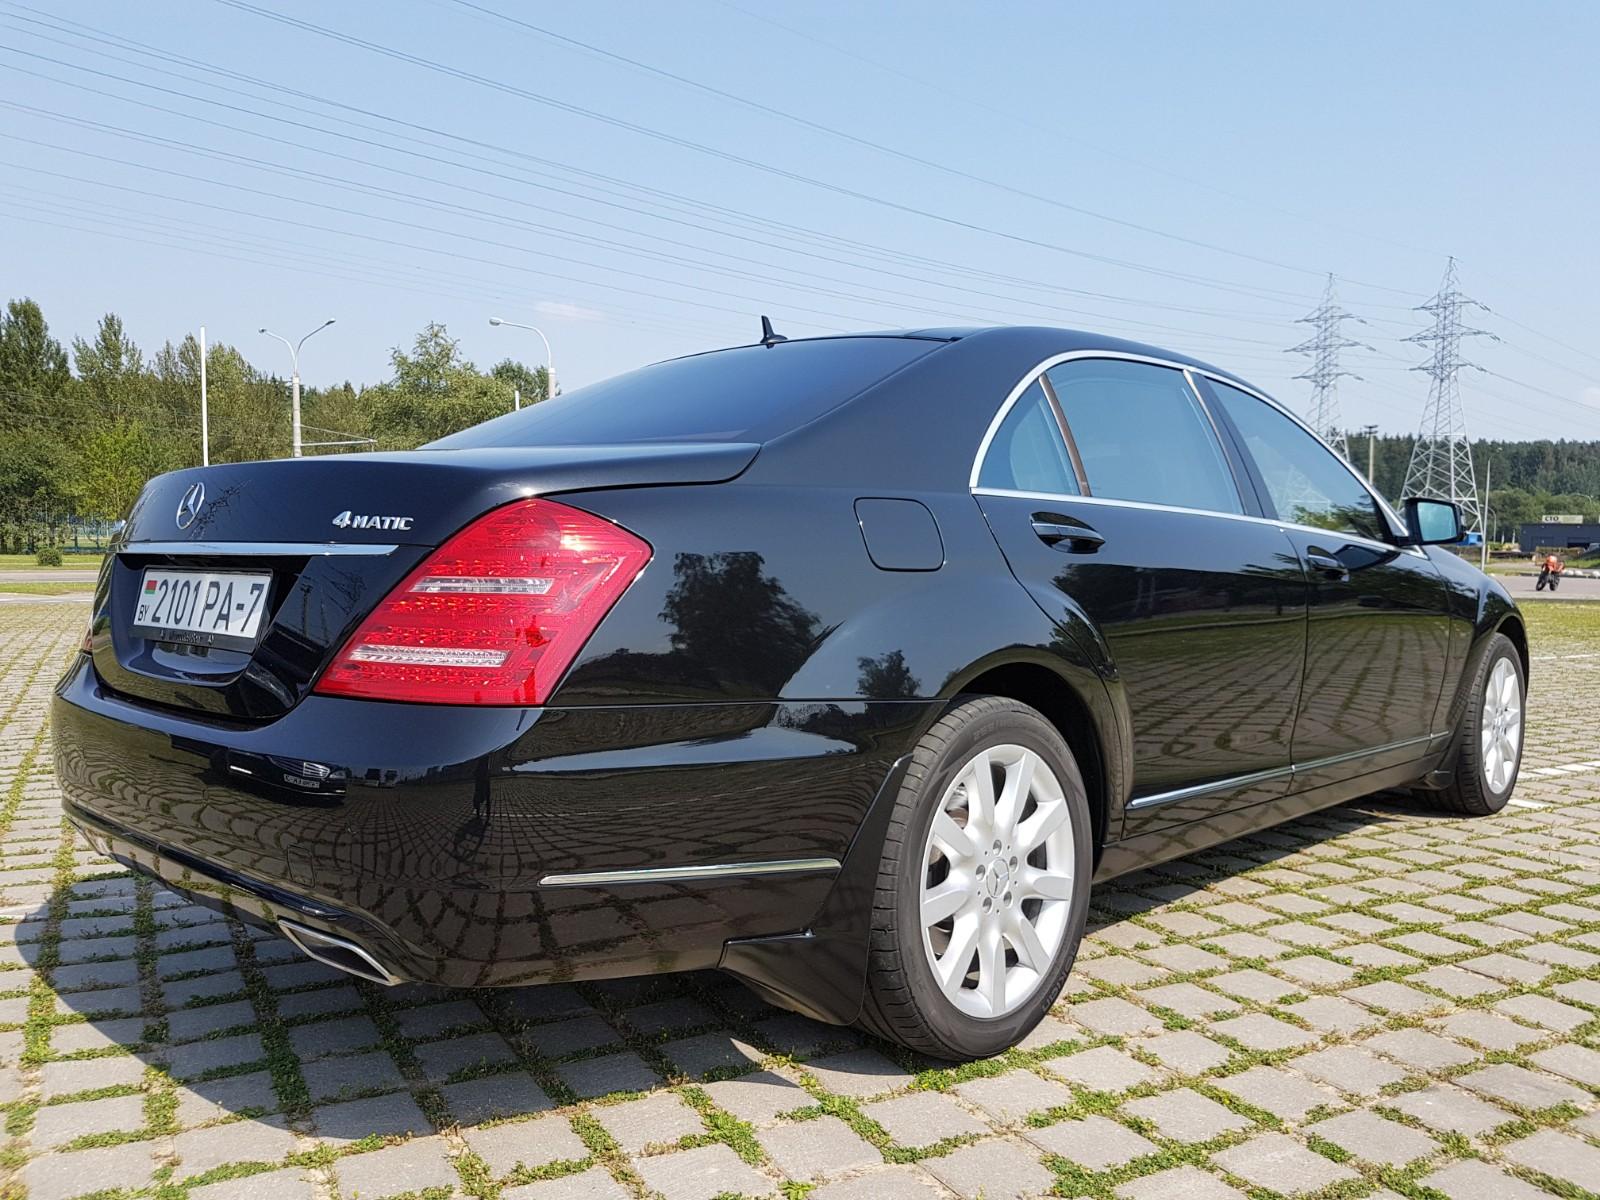 Аренда авто с водителем в Минске. Mercedes W221 S500 Long2